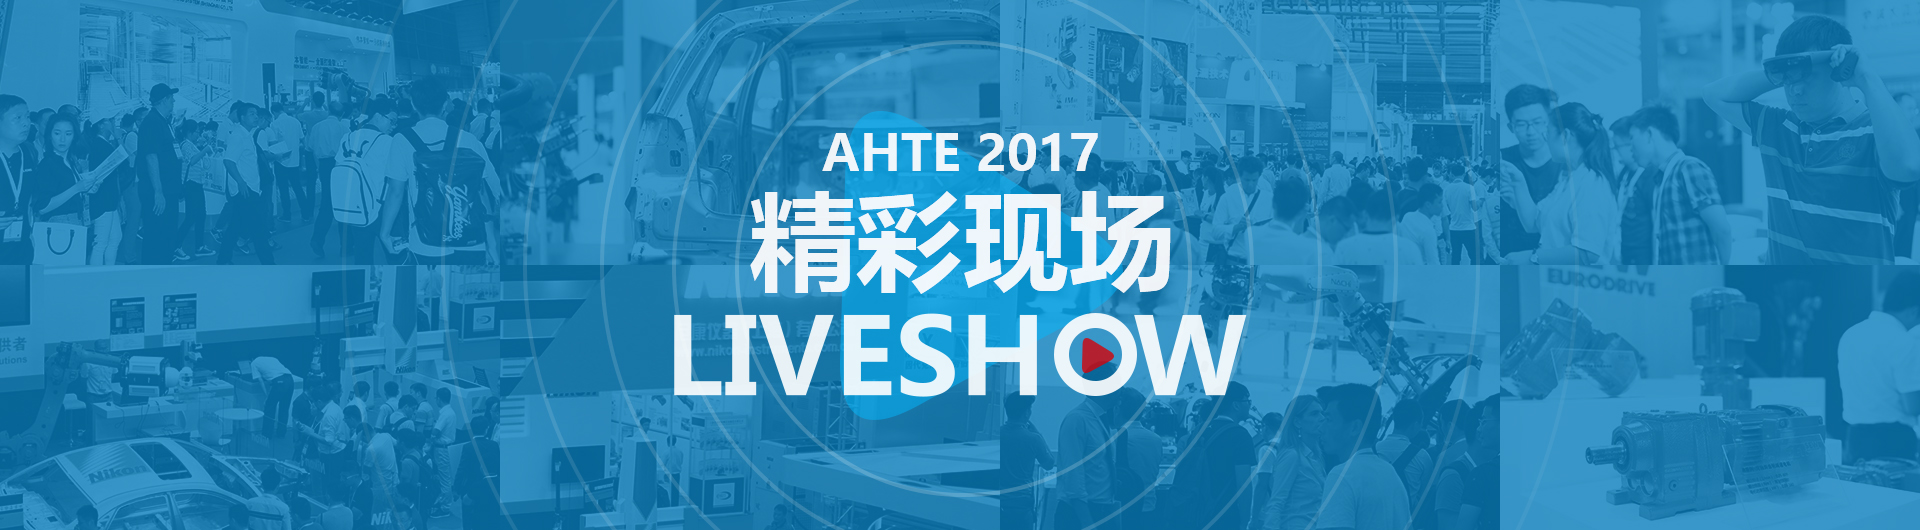 2017 AHTE 精彩现场